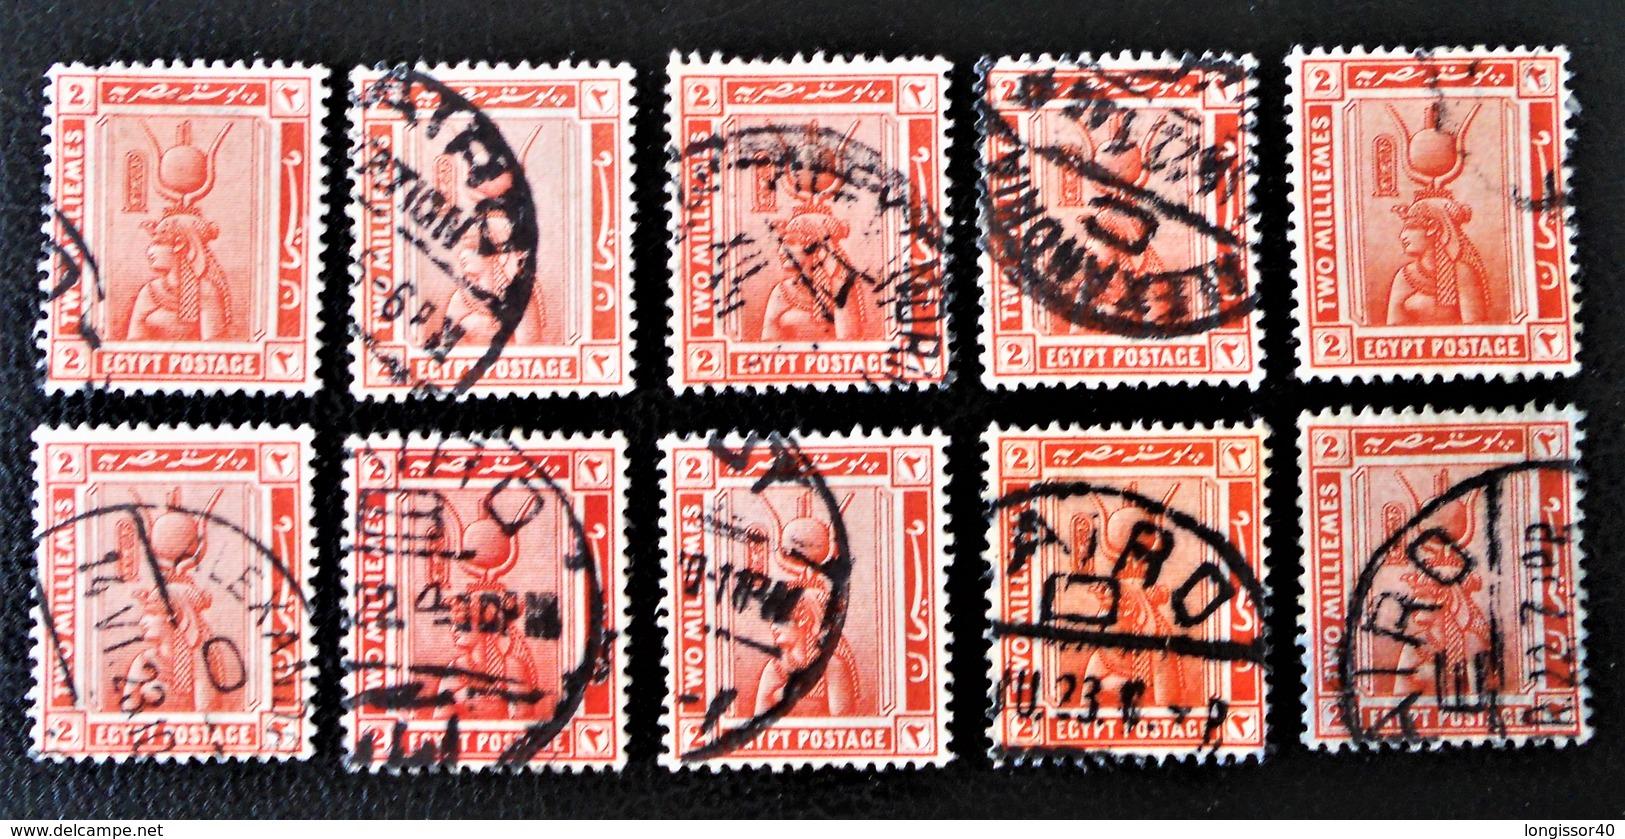 PROTECTORAT BRITANNIQUE - CLEOPATRE AVEC COIFFE D'ISIS 1922 - OBLITERES - YT 57 - VARIETES DE TEINTES ET D'OBLITERATIONS - Égypte